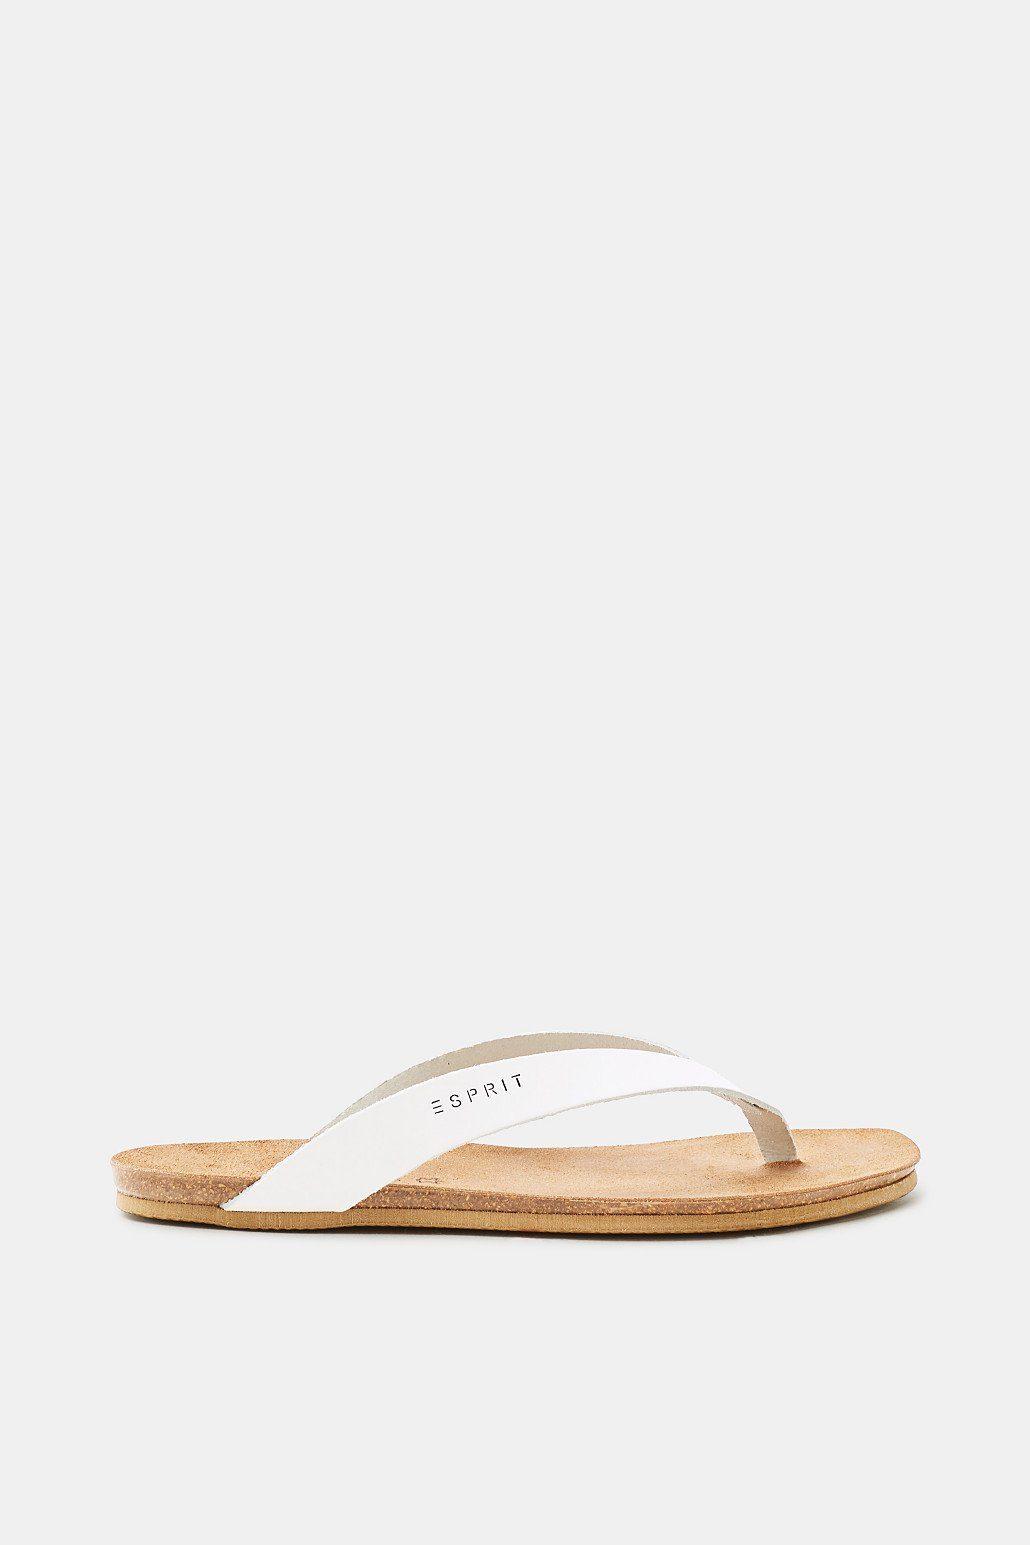 Esprit Leder-Zehentrenner mit angedeutetem Fußbett für Damen, Größe 36, Rust Brown